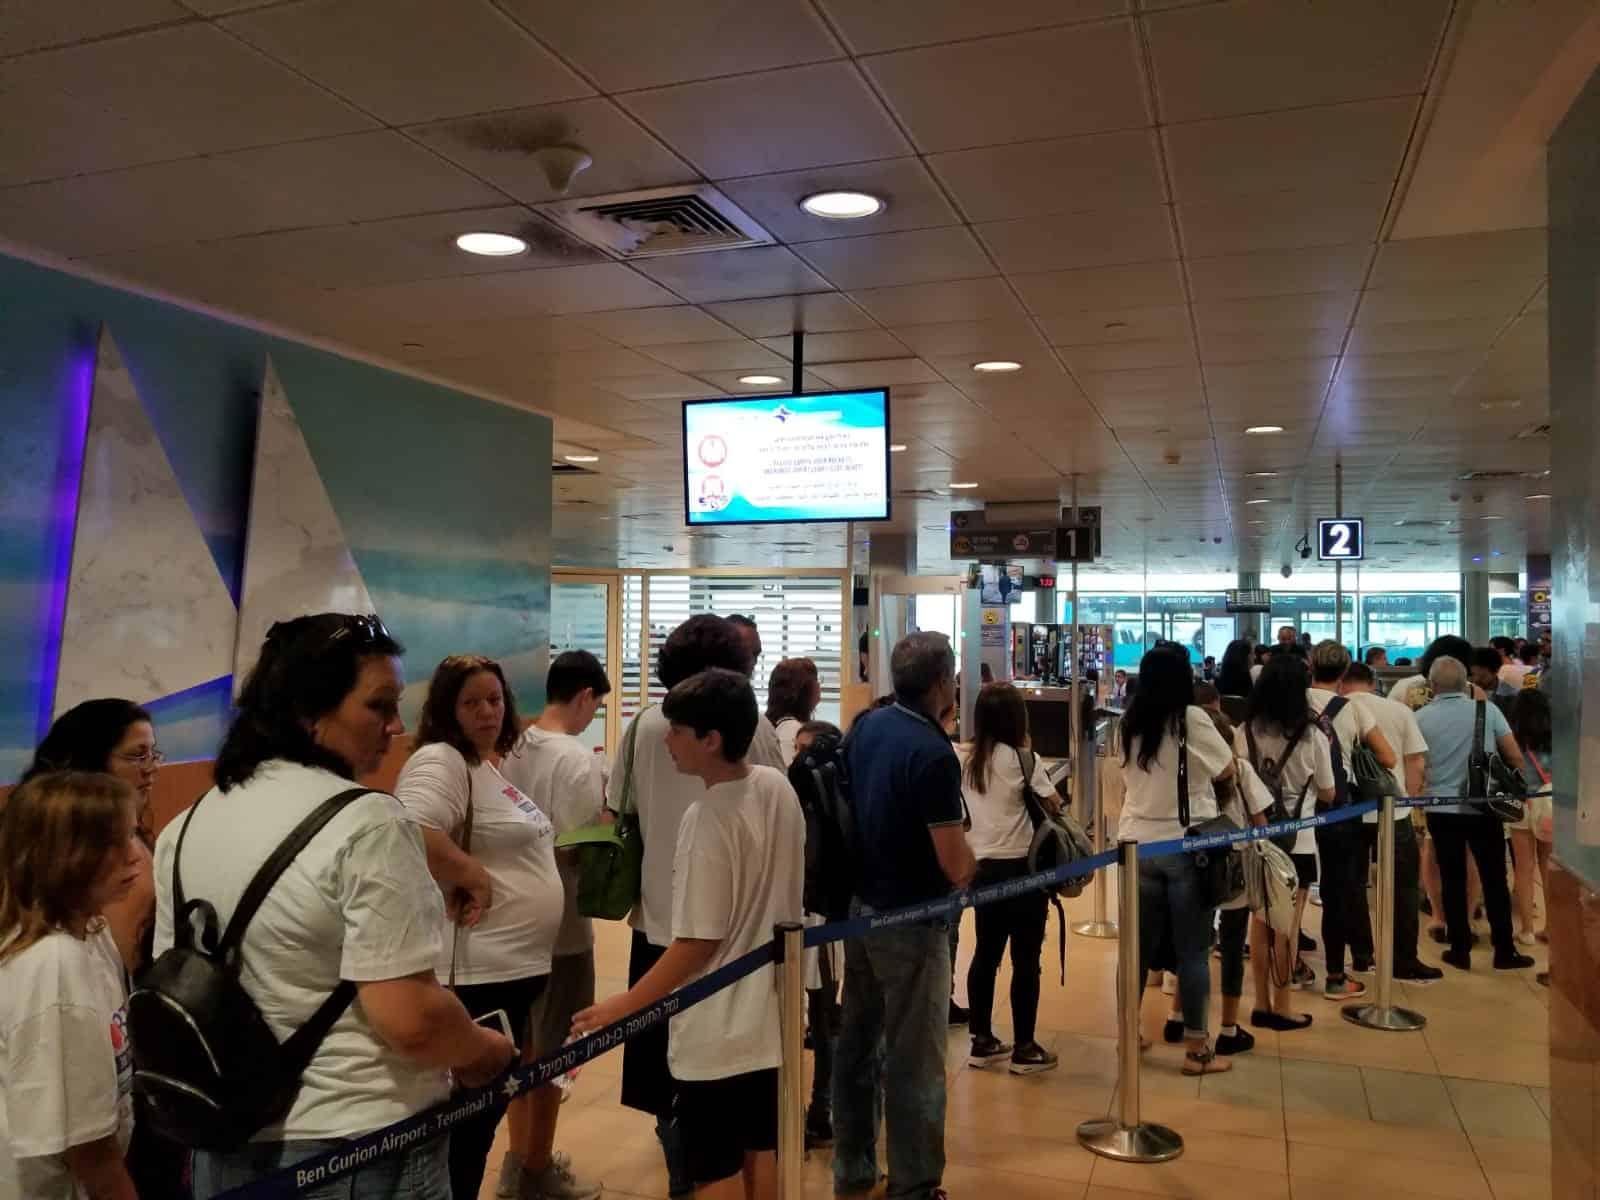 טרמינל ז'ה טם איי לאב יו, צילום: כנרת שמרוני